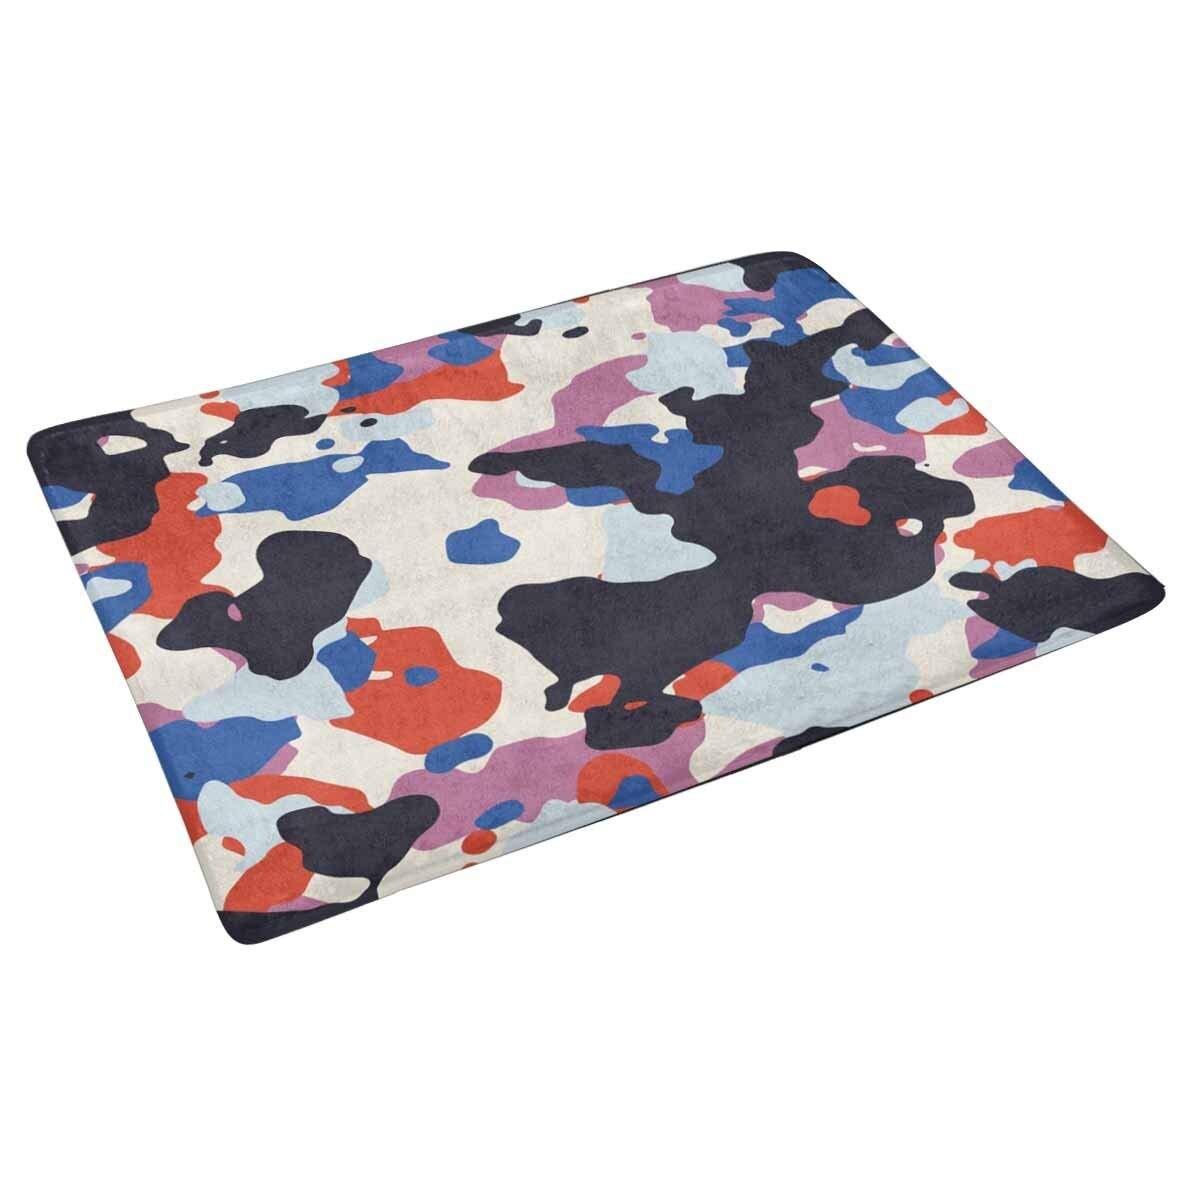 Camo Rug Home: Camo Doormat Anti Slip Entrance Mat Floor Rug Indoor/Front